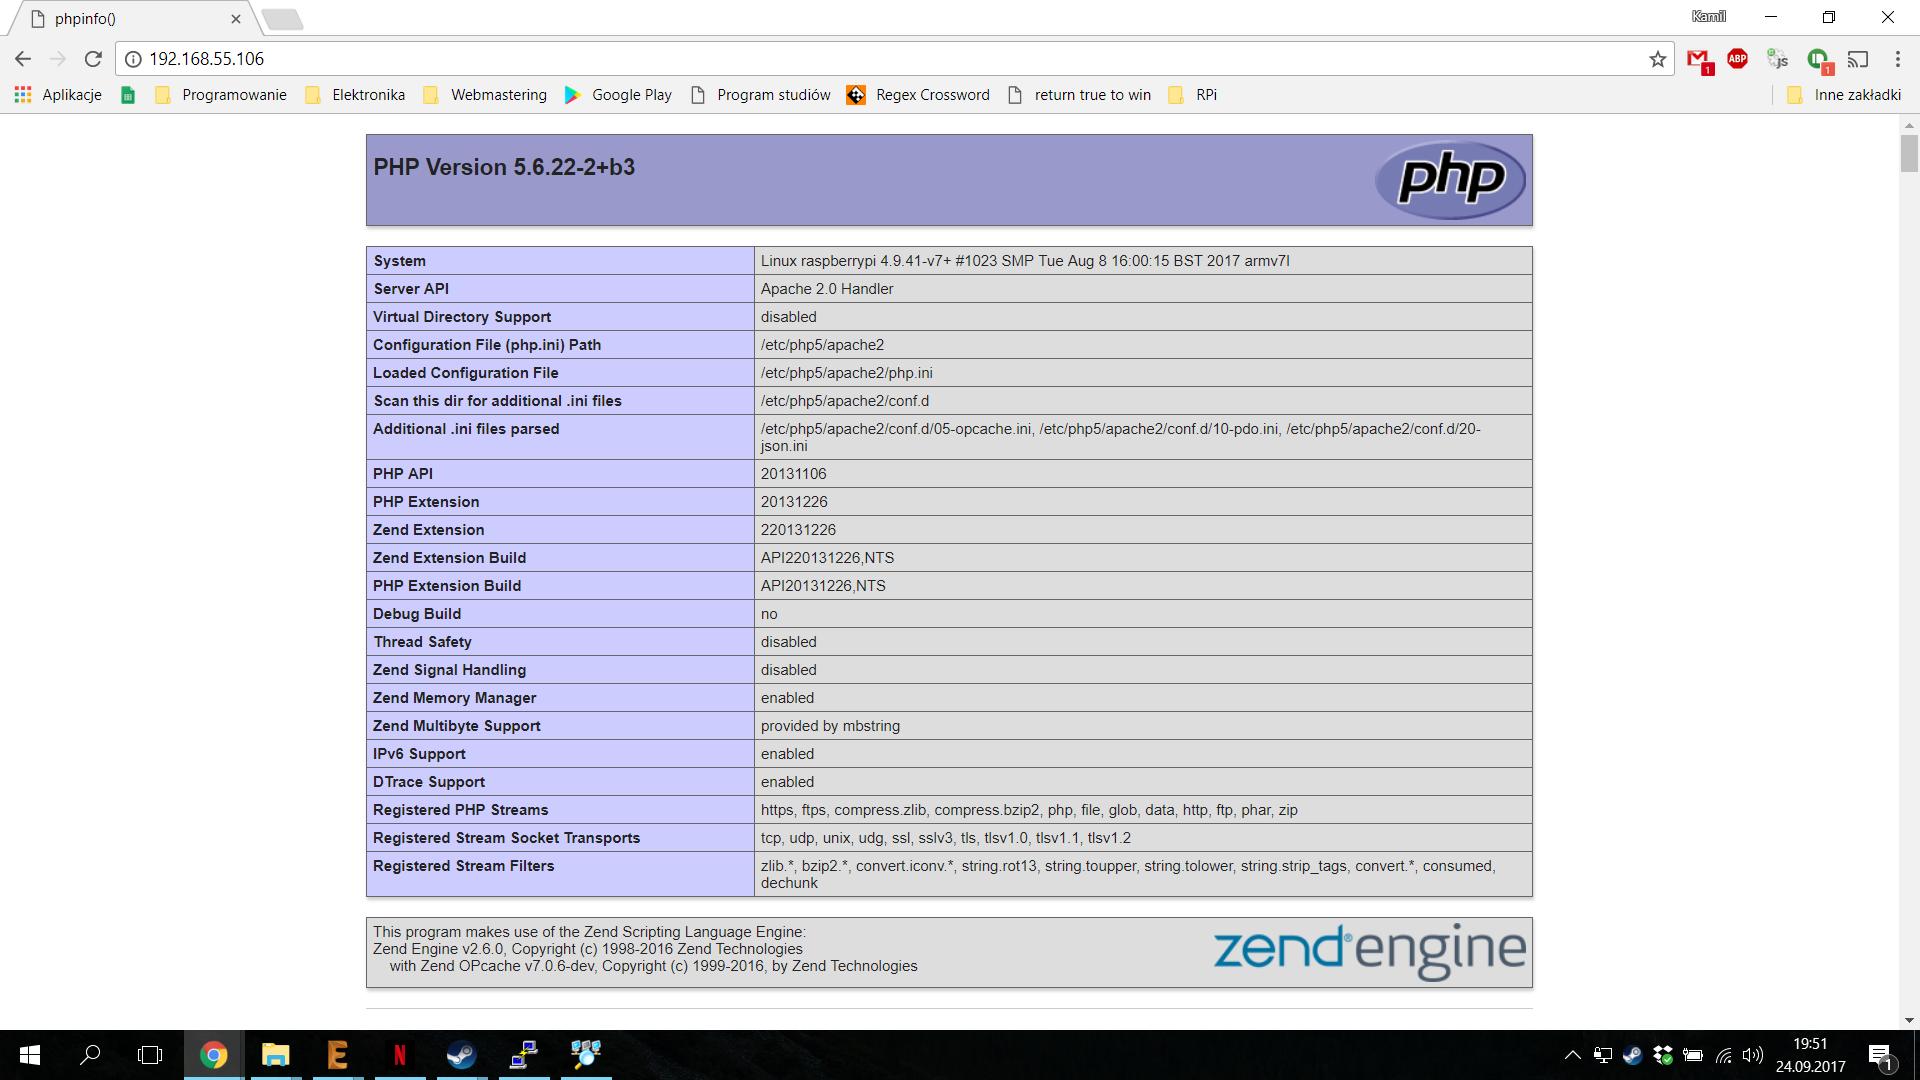 Raspberry Pi Instalacja Serwera Www Apache Starter Kit Wiringpi Html Jeeli Mamy Zainstalowany Program Sudo Apt Get Install Moemy Z Poziomu Php Wykonywa Operacje Na Gpio Np Odczyta Stan Konkretnego